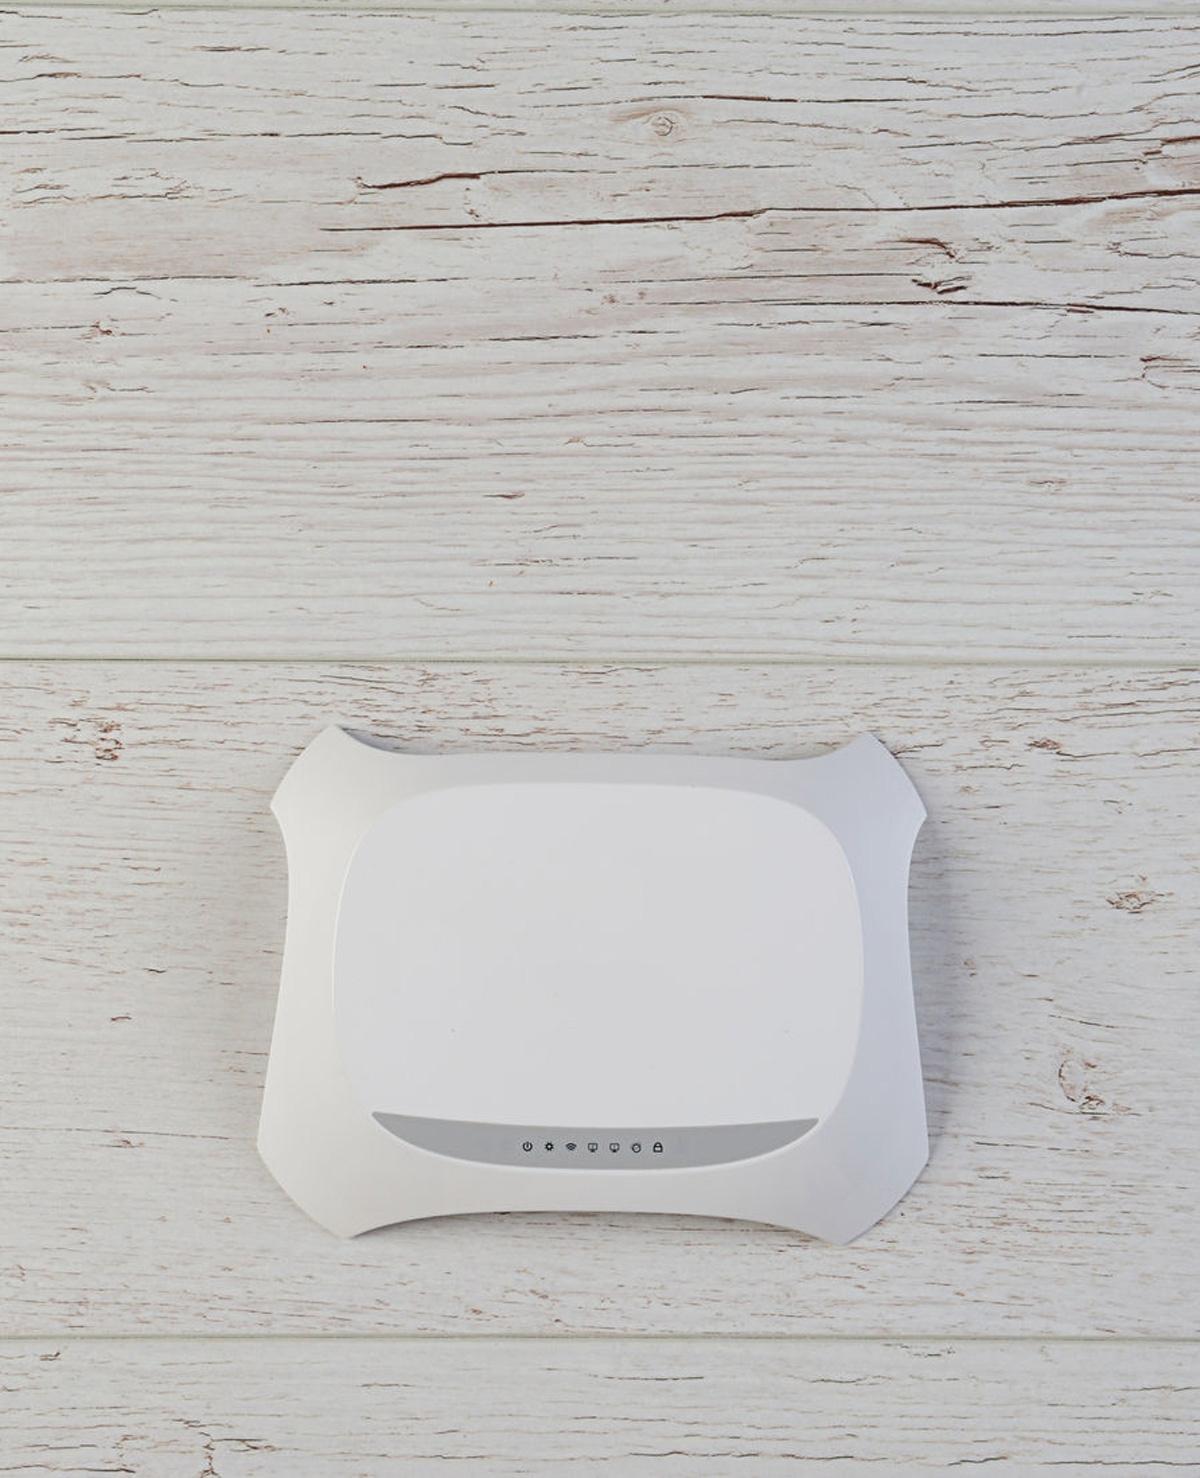 Zo verstop je de wifi router